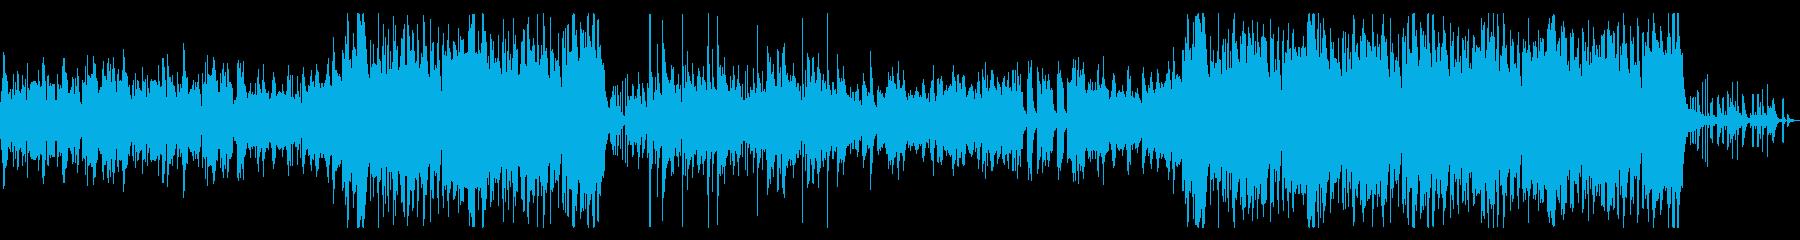 城下町の賑わいのようなファンタジー楽曲の再生済みの波形